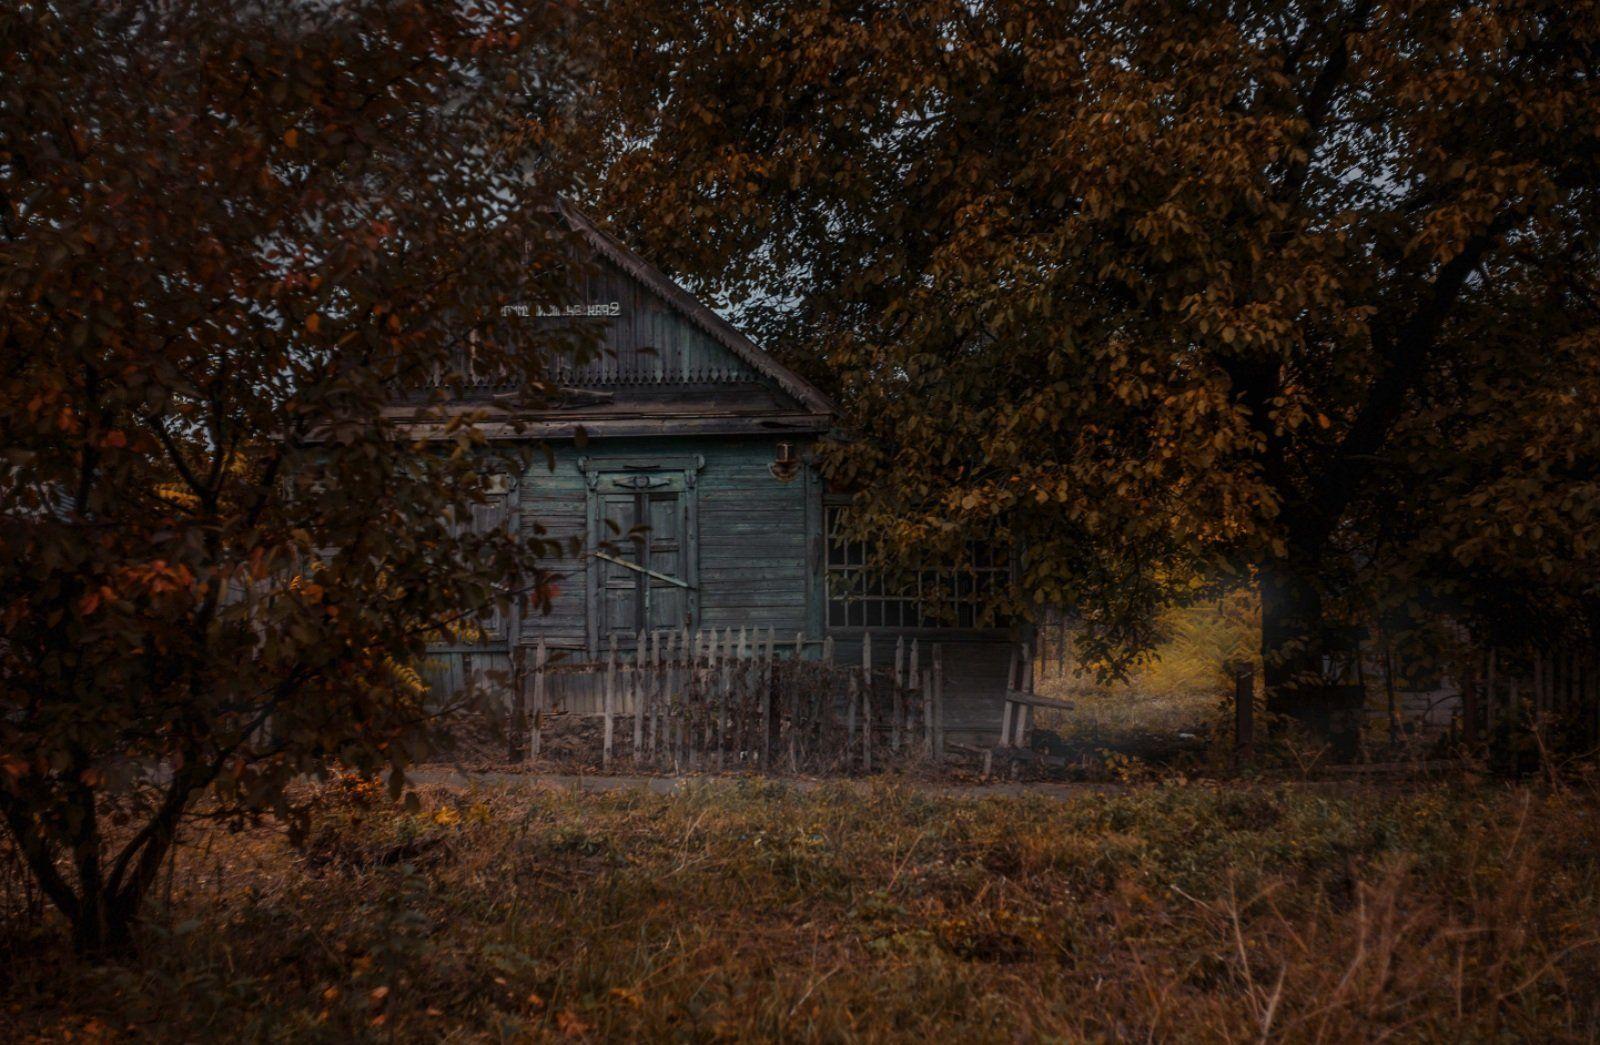 погостить бы у бабули .....только в доме света нет...... нет дорожки до крылечка.....потому что.......ее нет.... есть такие в жизни раны........и лечить их смысла нет..... приезжайте вы к бабуле.......пока есть в том доме свет ., Лилия Немыкина